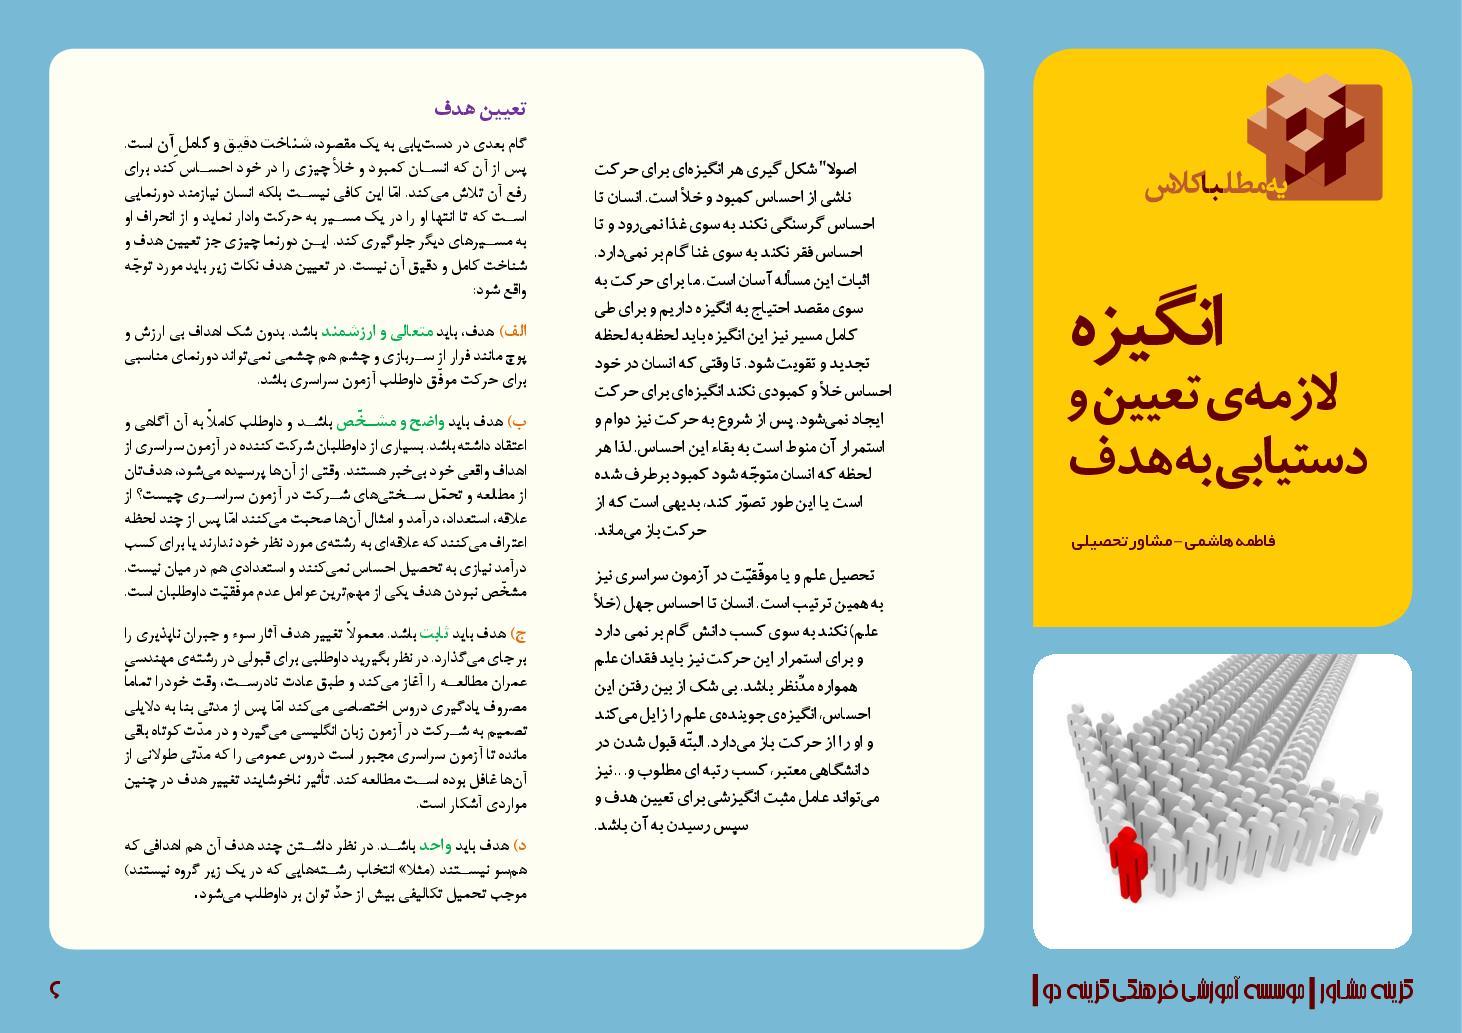 انگیزه ؛  لازمهی تعیین و دستیابی به هدف (PDF)